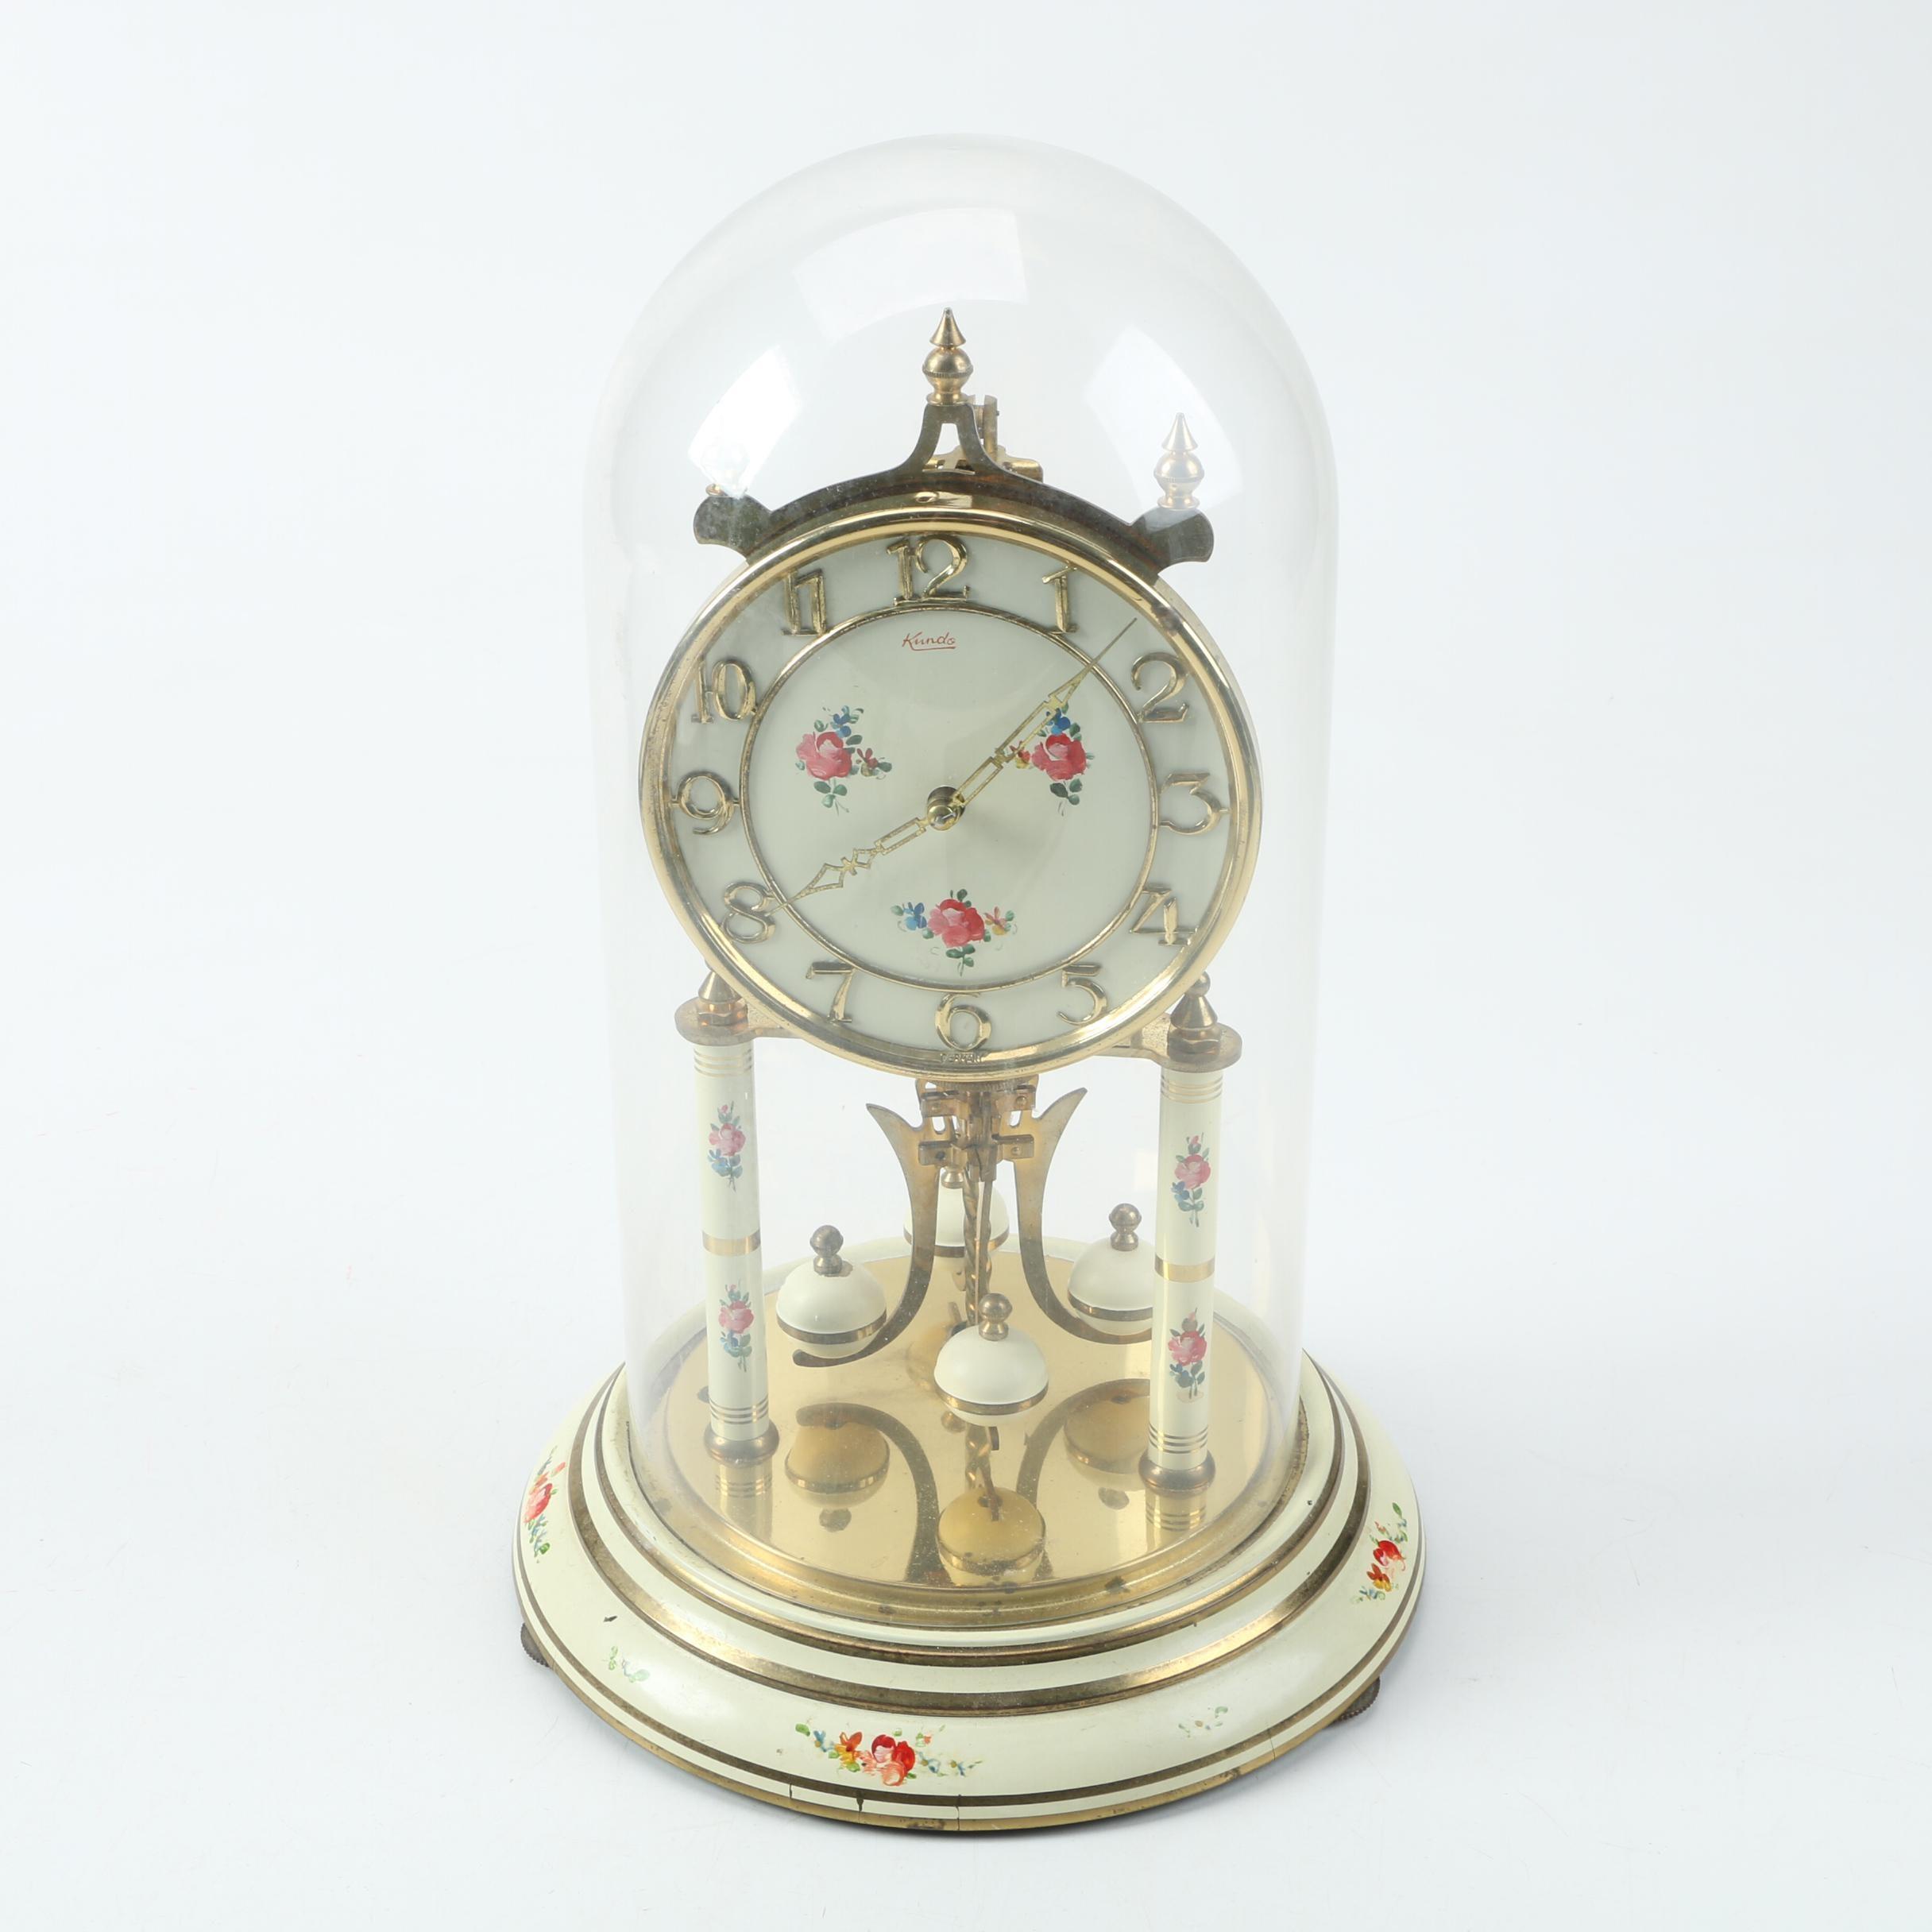 Kieninger & Obergfell Kundo Anniversary Clock